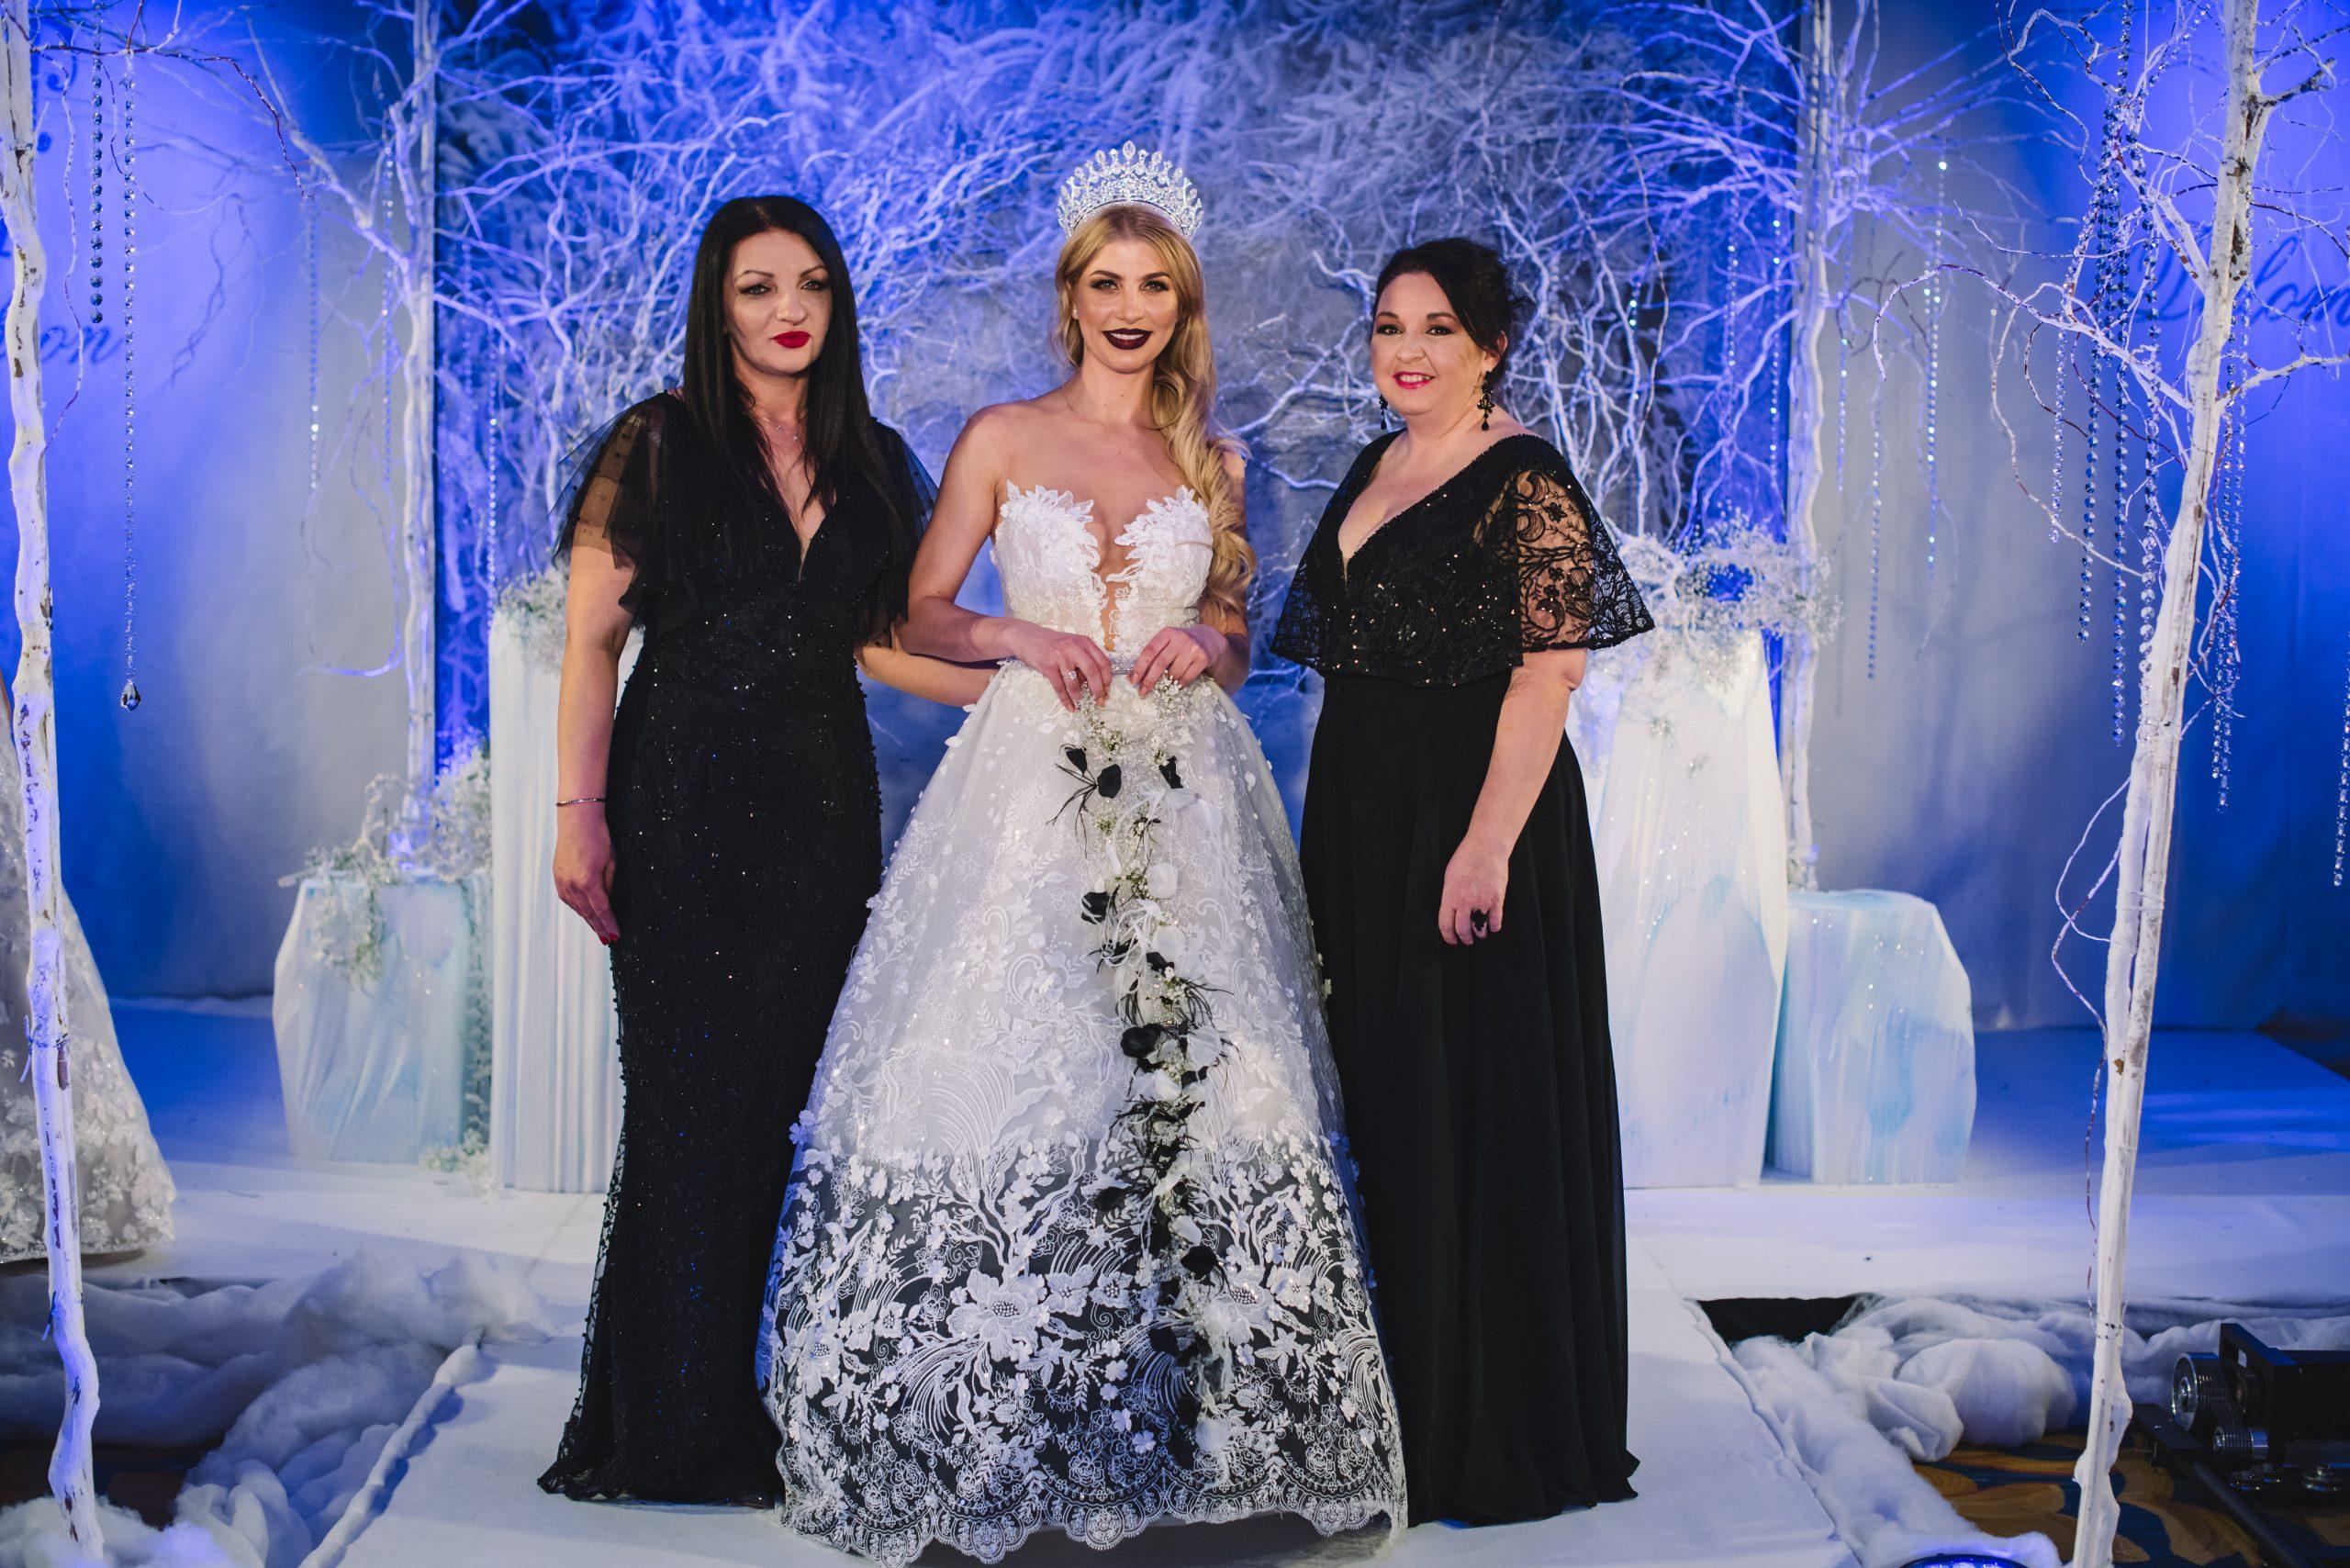 Paloma fashion JTV